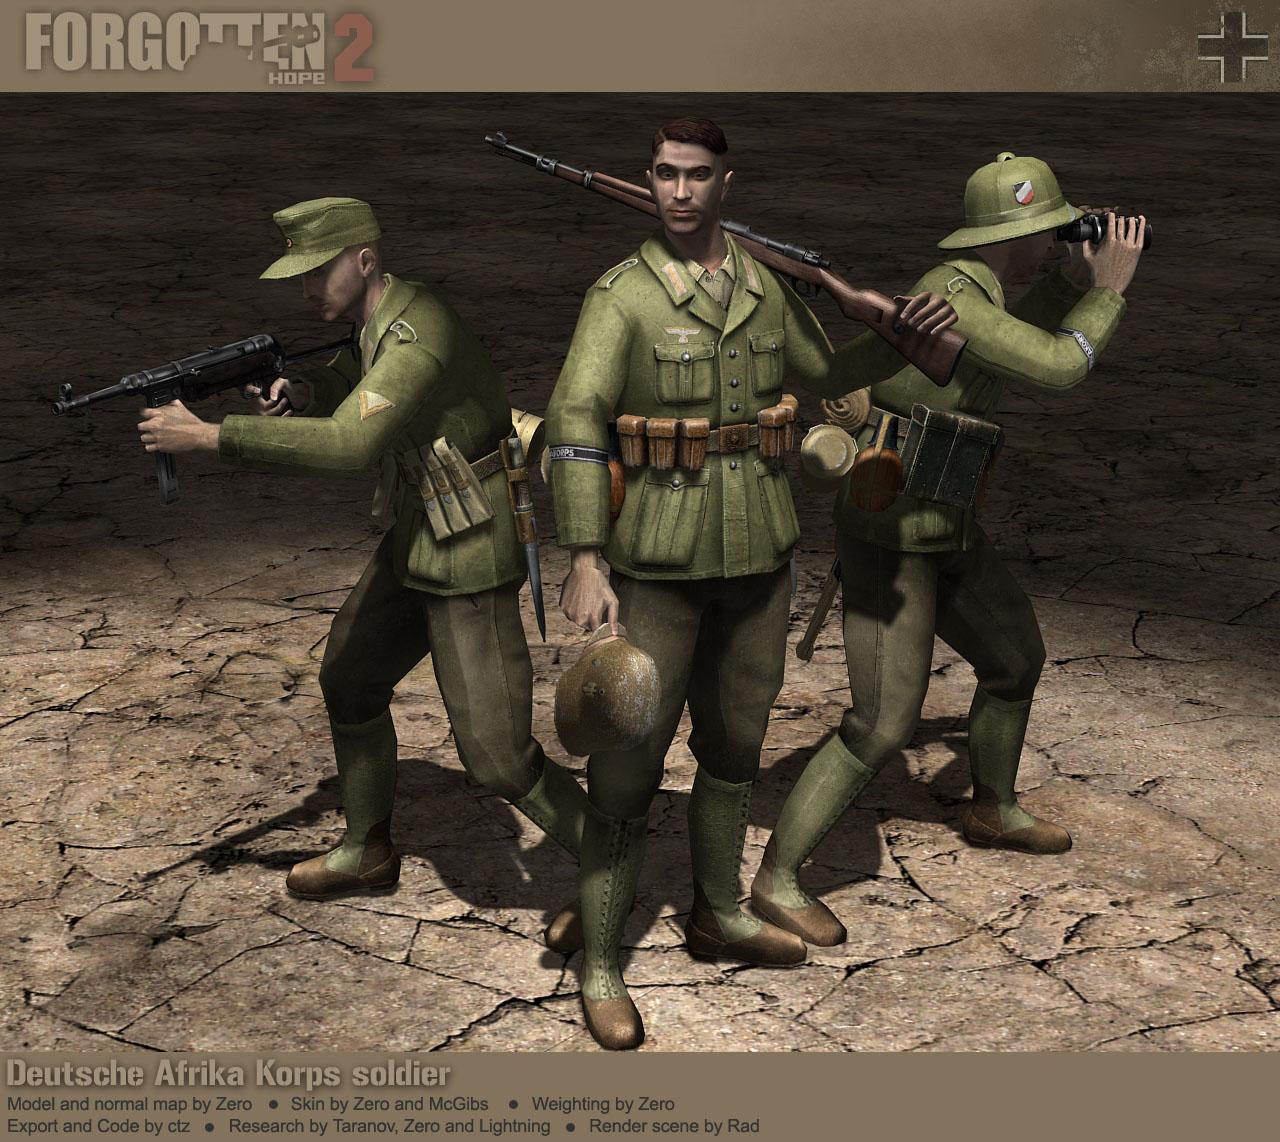 Скачать Вторую Часть Солдаты